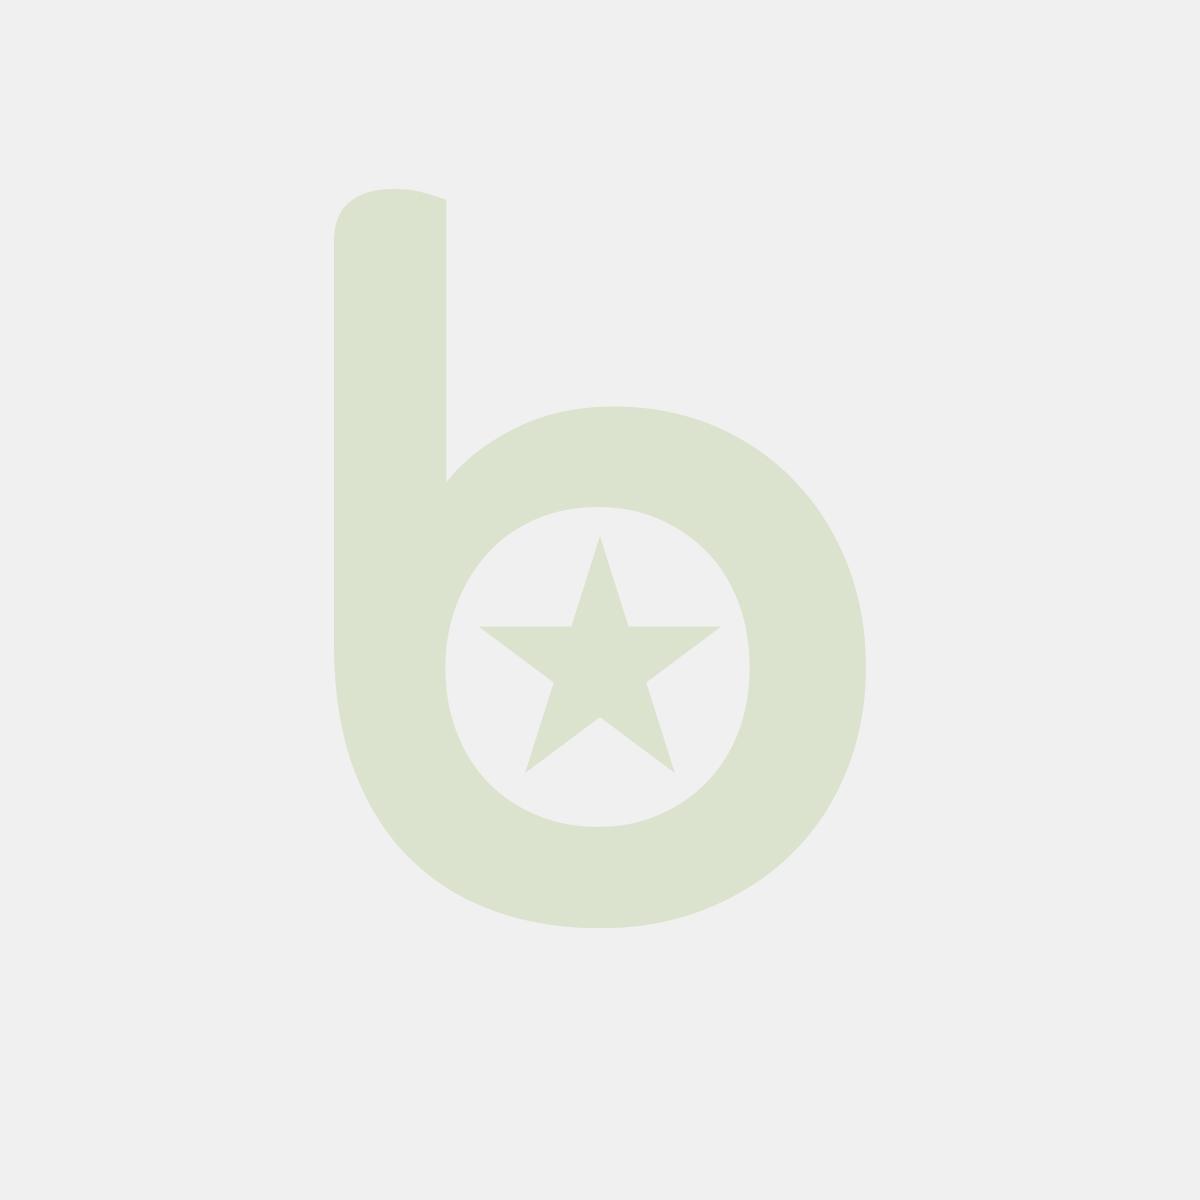 Miseczka prostokątna Le Perle biała melamina 9,5x6x3cm